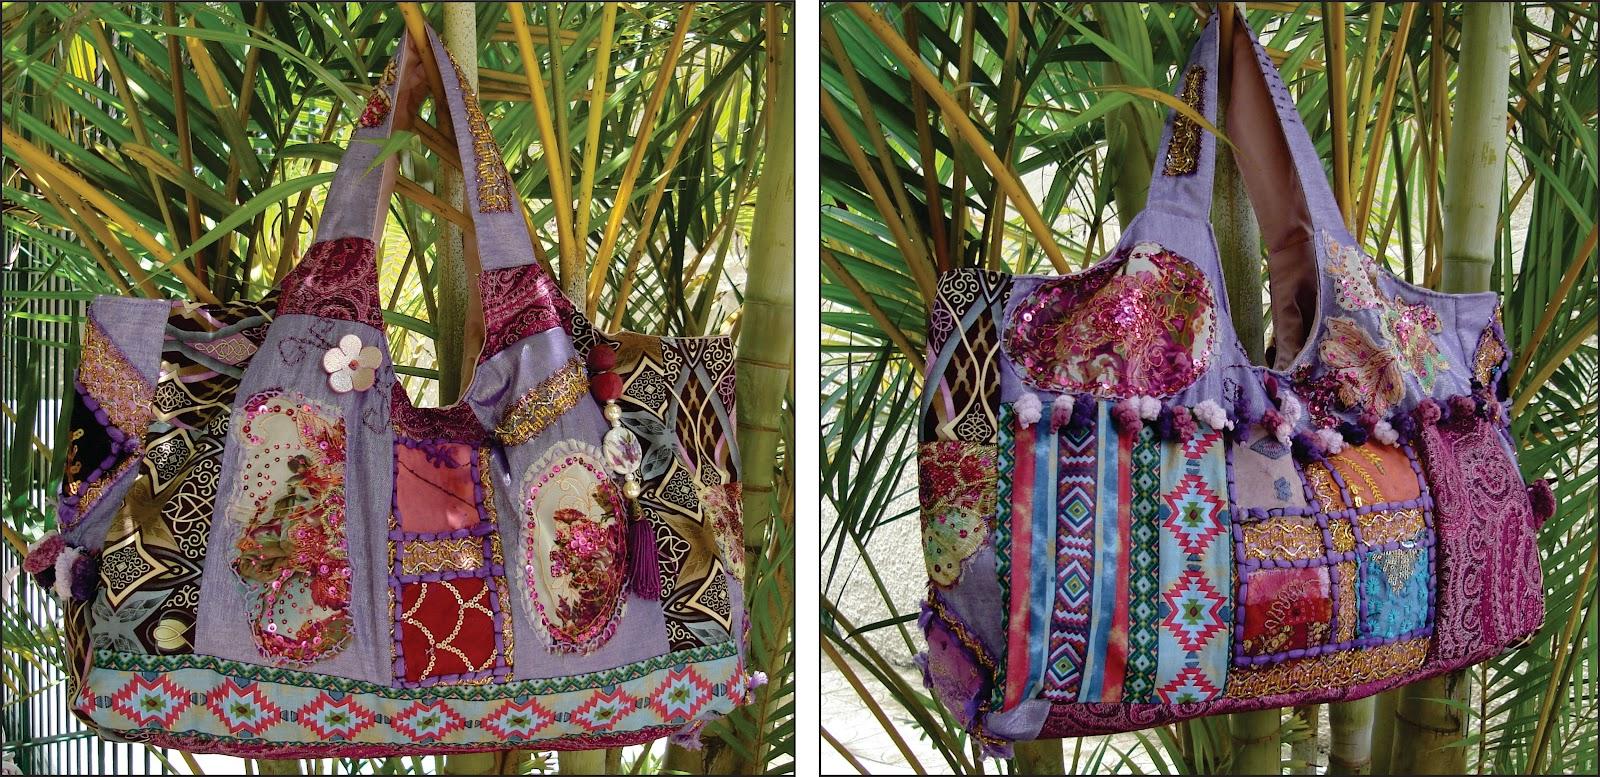 defec2032 Para a criação das bolsas procuro sempre utilizar tecidos de brechó, que  garimpo, por toda cidade, com tecidos novos que remetem a cultura hippie.